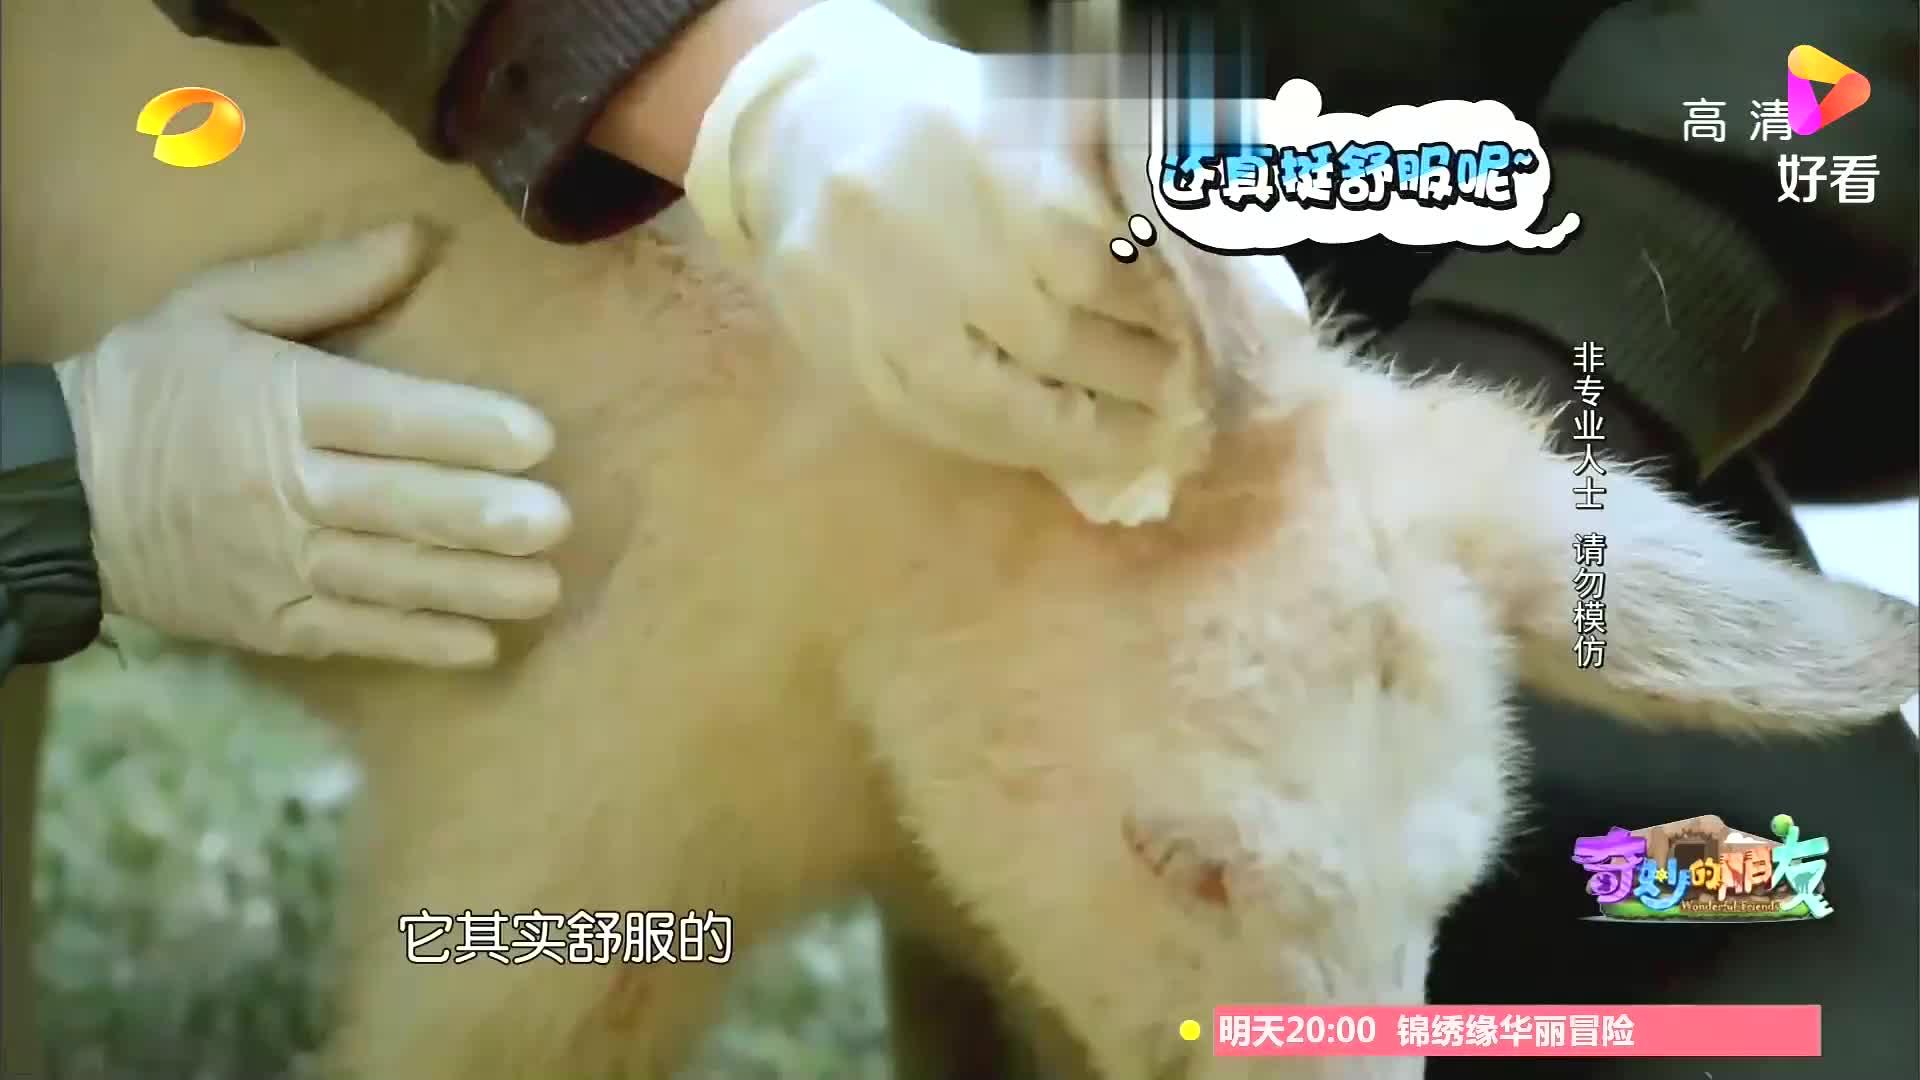 杜海涛给袋鼠上药,袋鼠一个吼叫,吓得他原地打怵丨奇妙的朋友